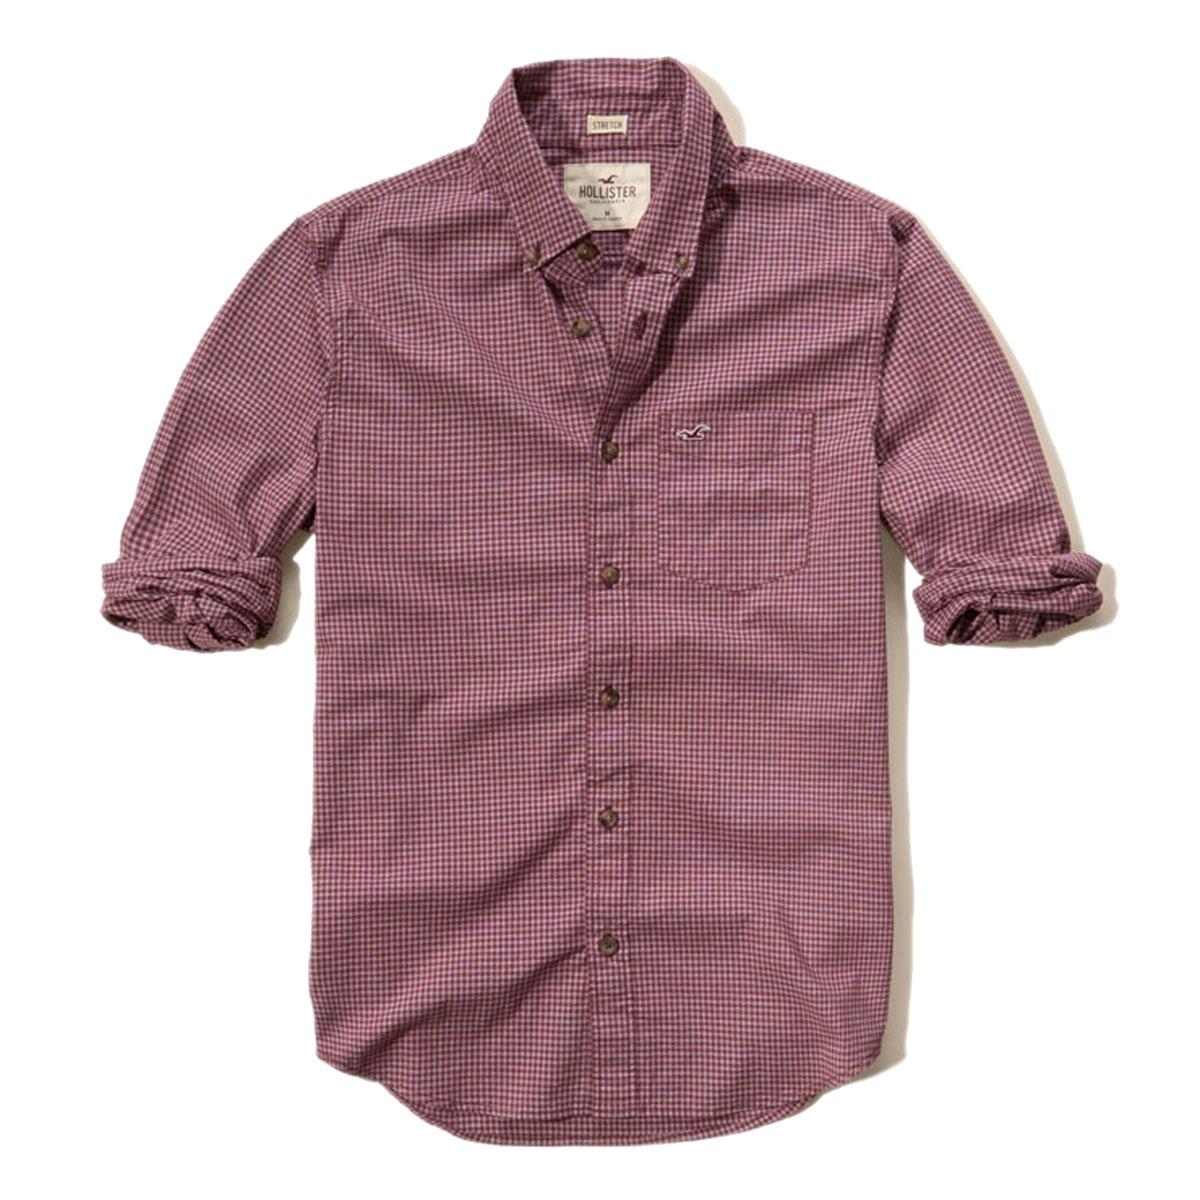 ホリスター HOLLISTER 正規品 メンズ 長袖シャツ  Plaid Poplin Shirt Epic Flex 325-253-0256-528